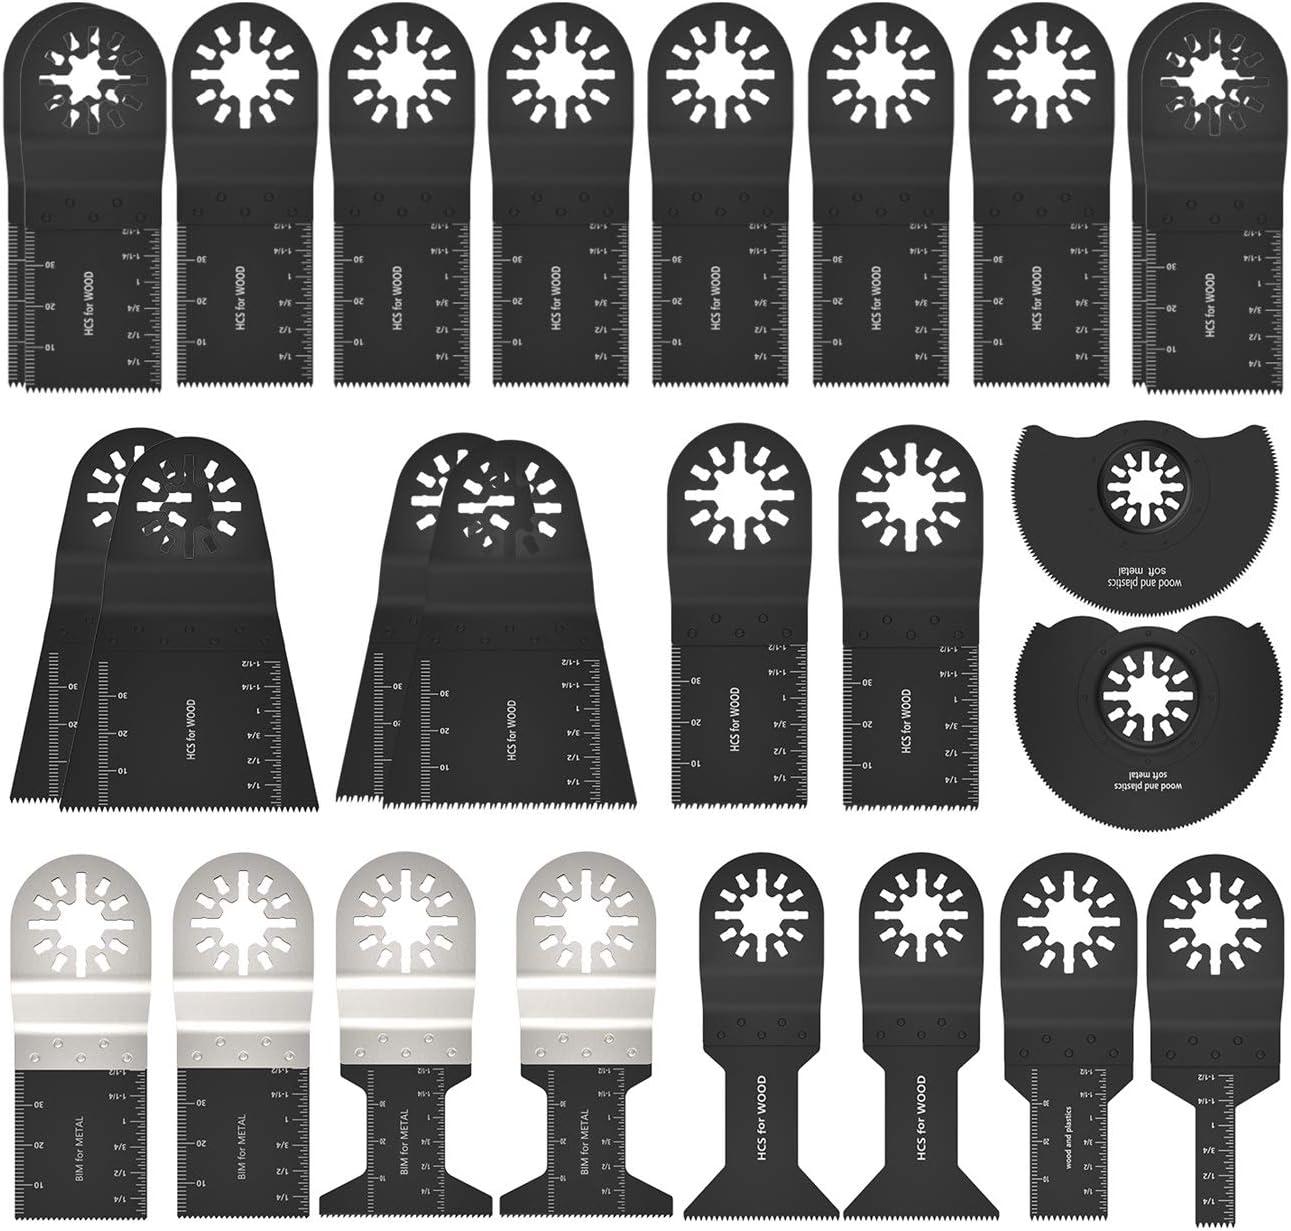 Multitool Lot de 20 lames de scie rapide Outil multifonction pour Fein Multimaster Bosch Black /& Decker Dewalt Rockwell Artisanat et bien plus